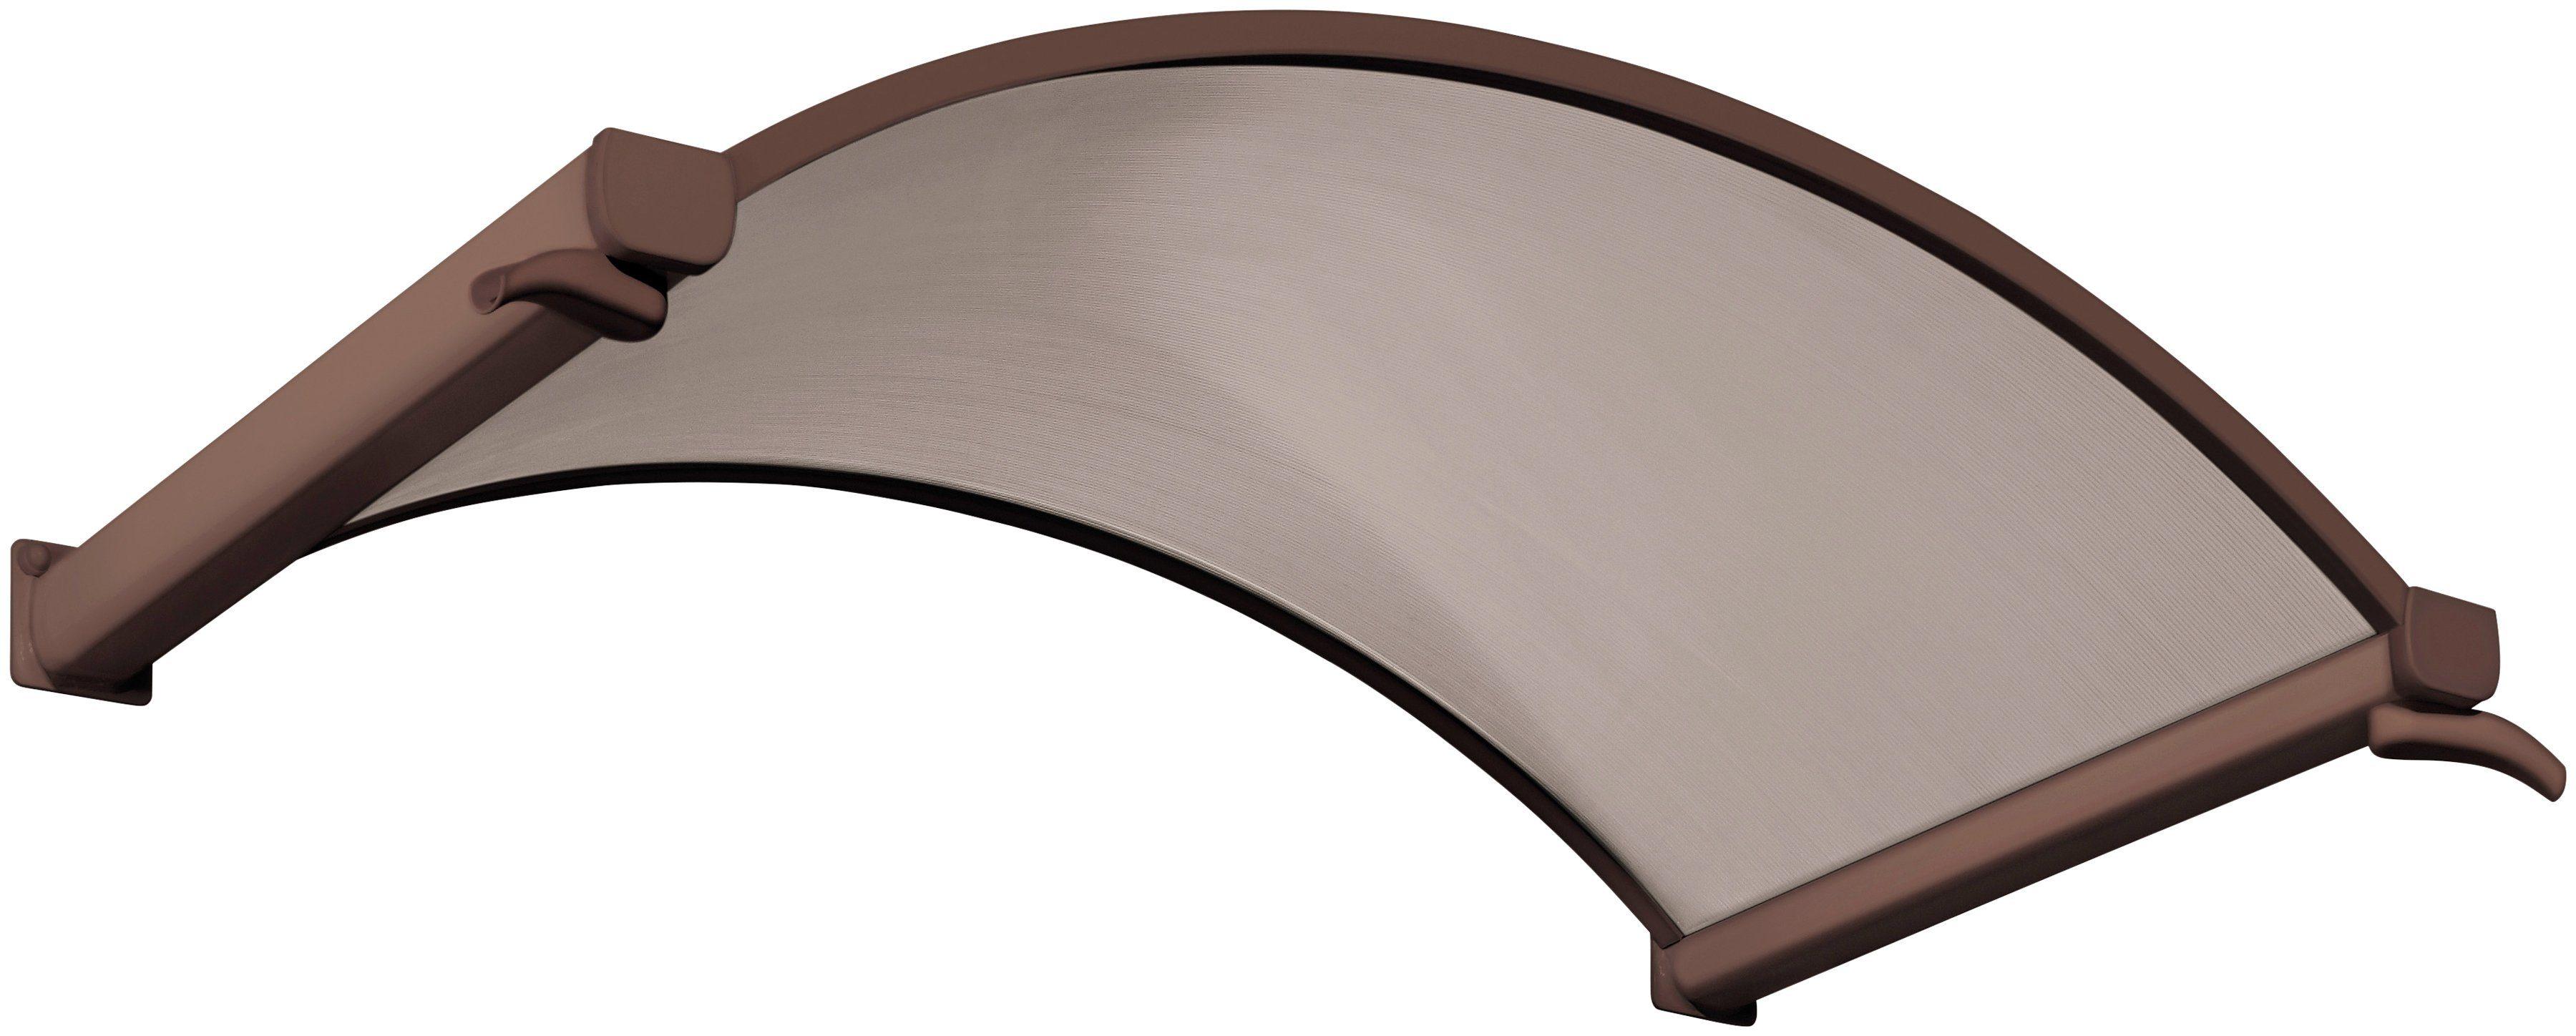 Rundbogenvordach, 160x90x30 cm, braun